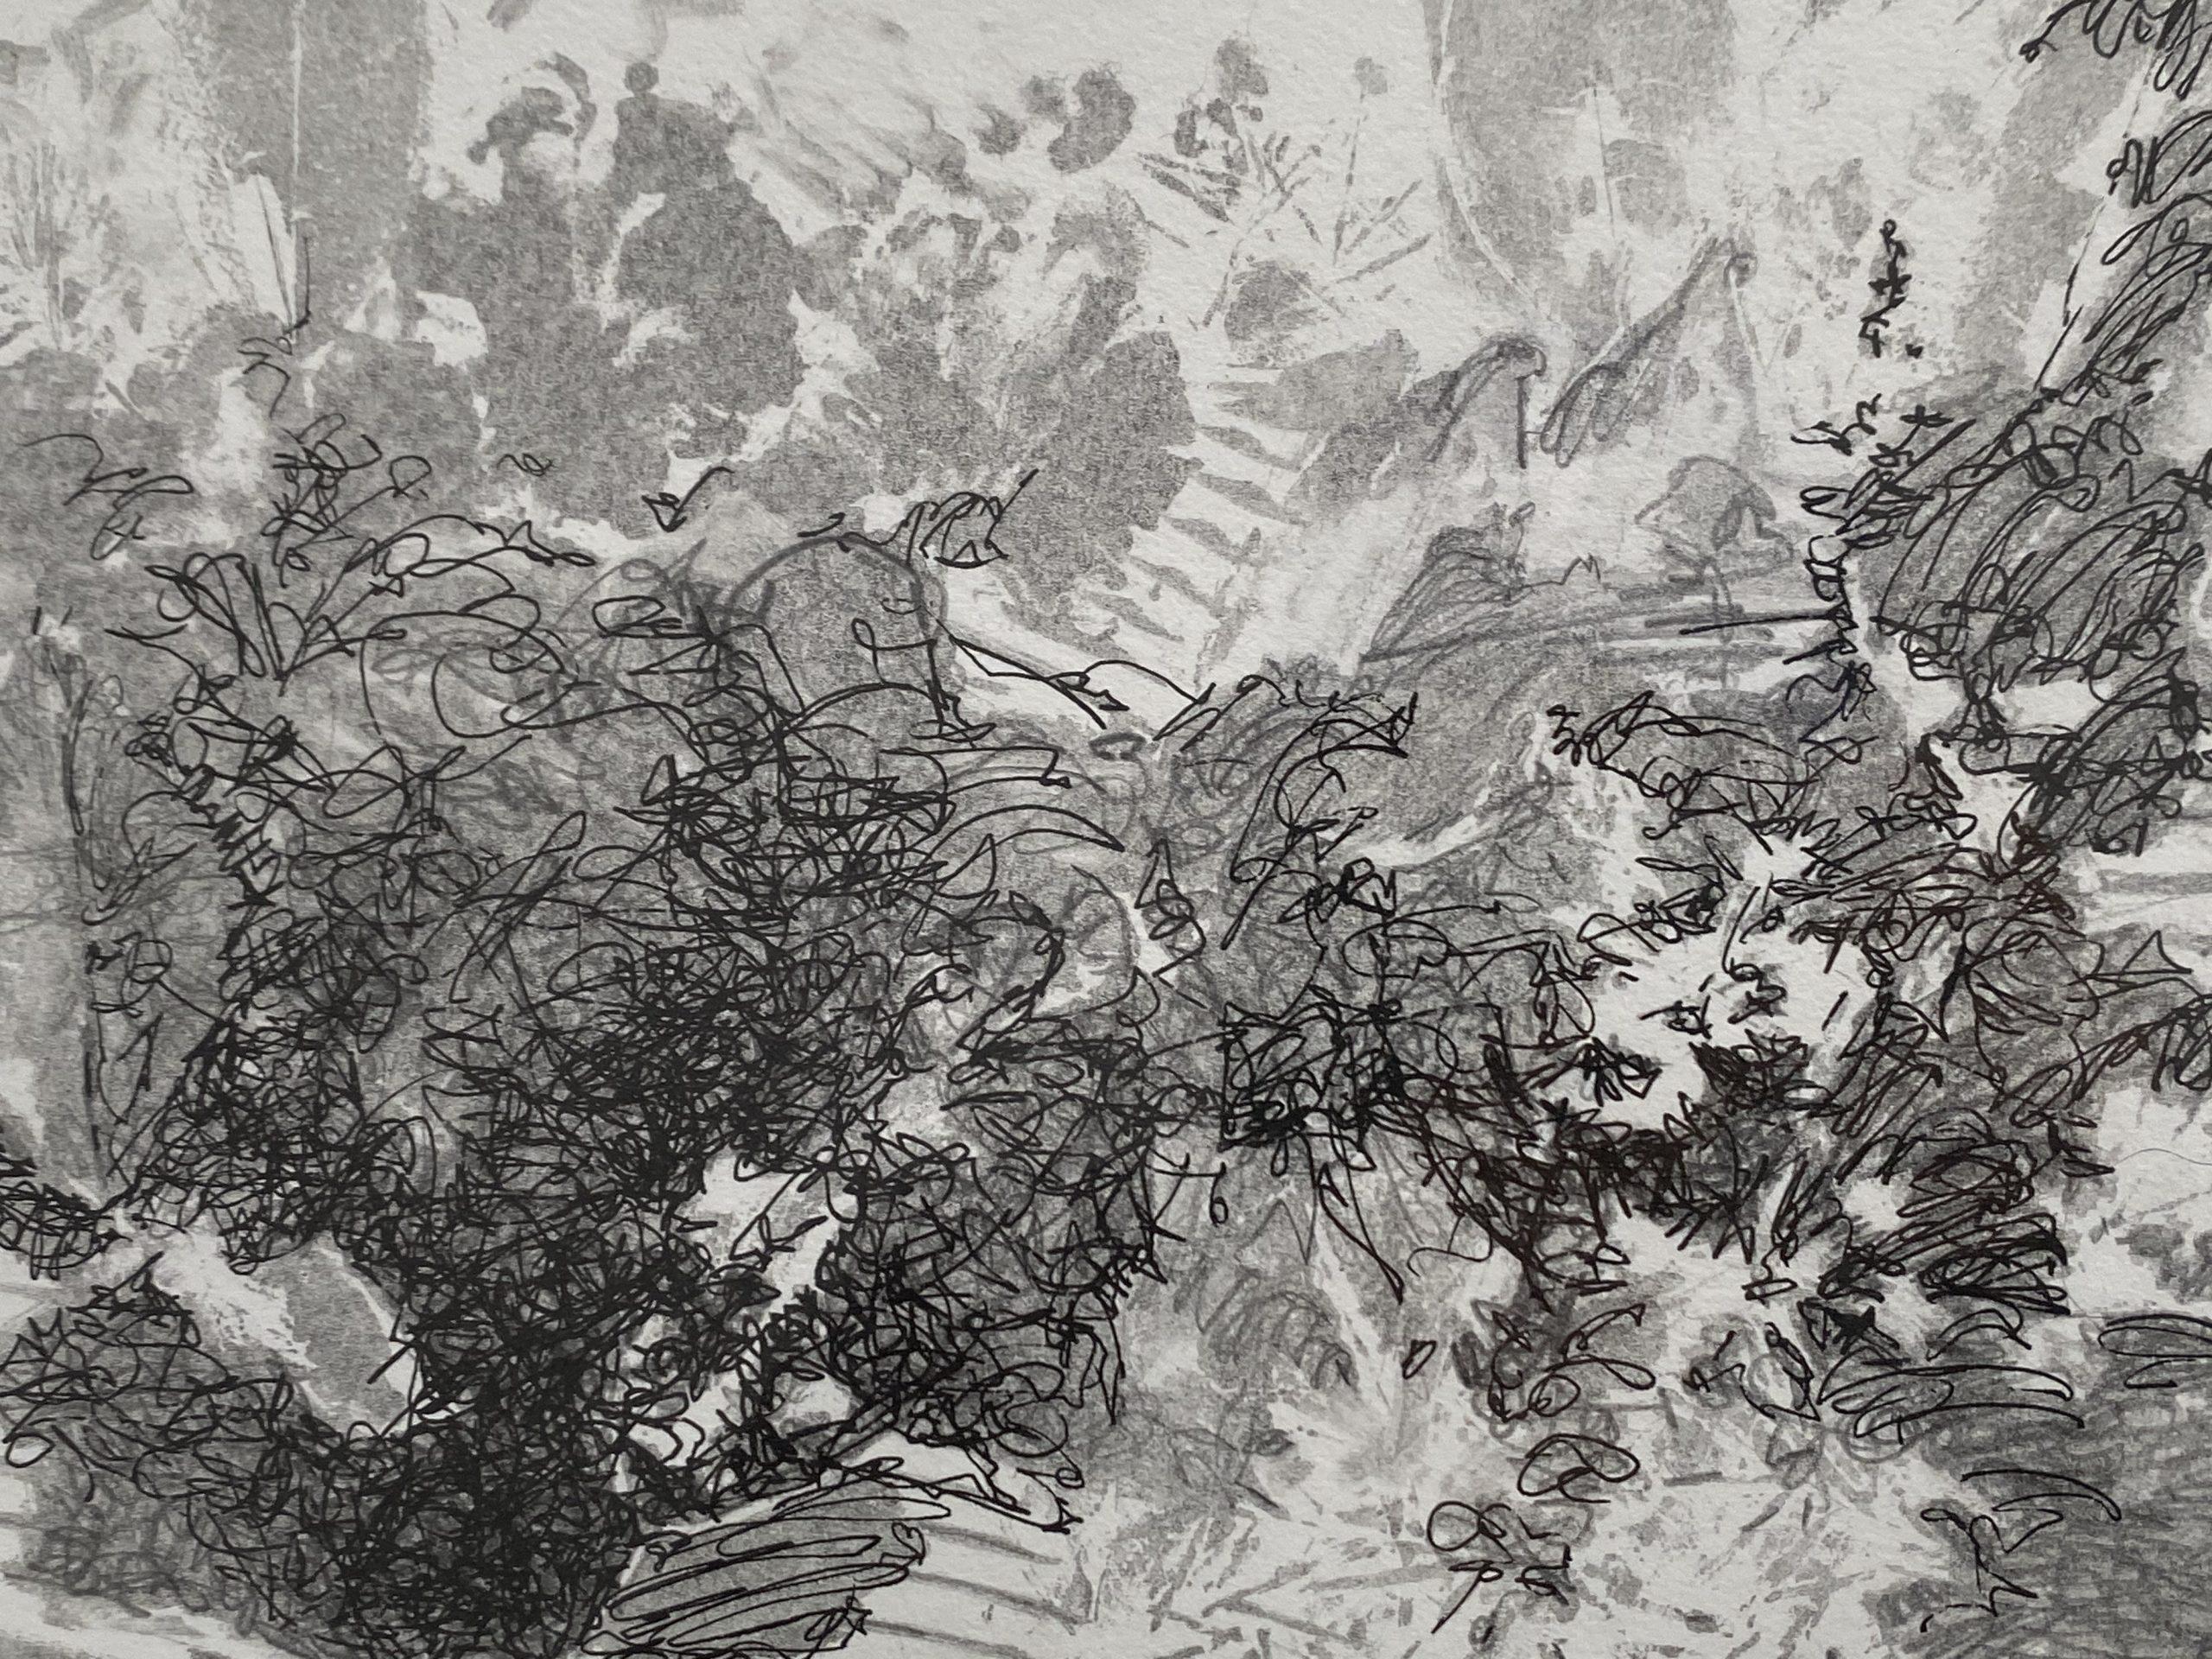 Yvette Gellis, Sacred Leaves, 2020. Mixed Media On Paper. Courtesy Of The Artist.